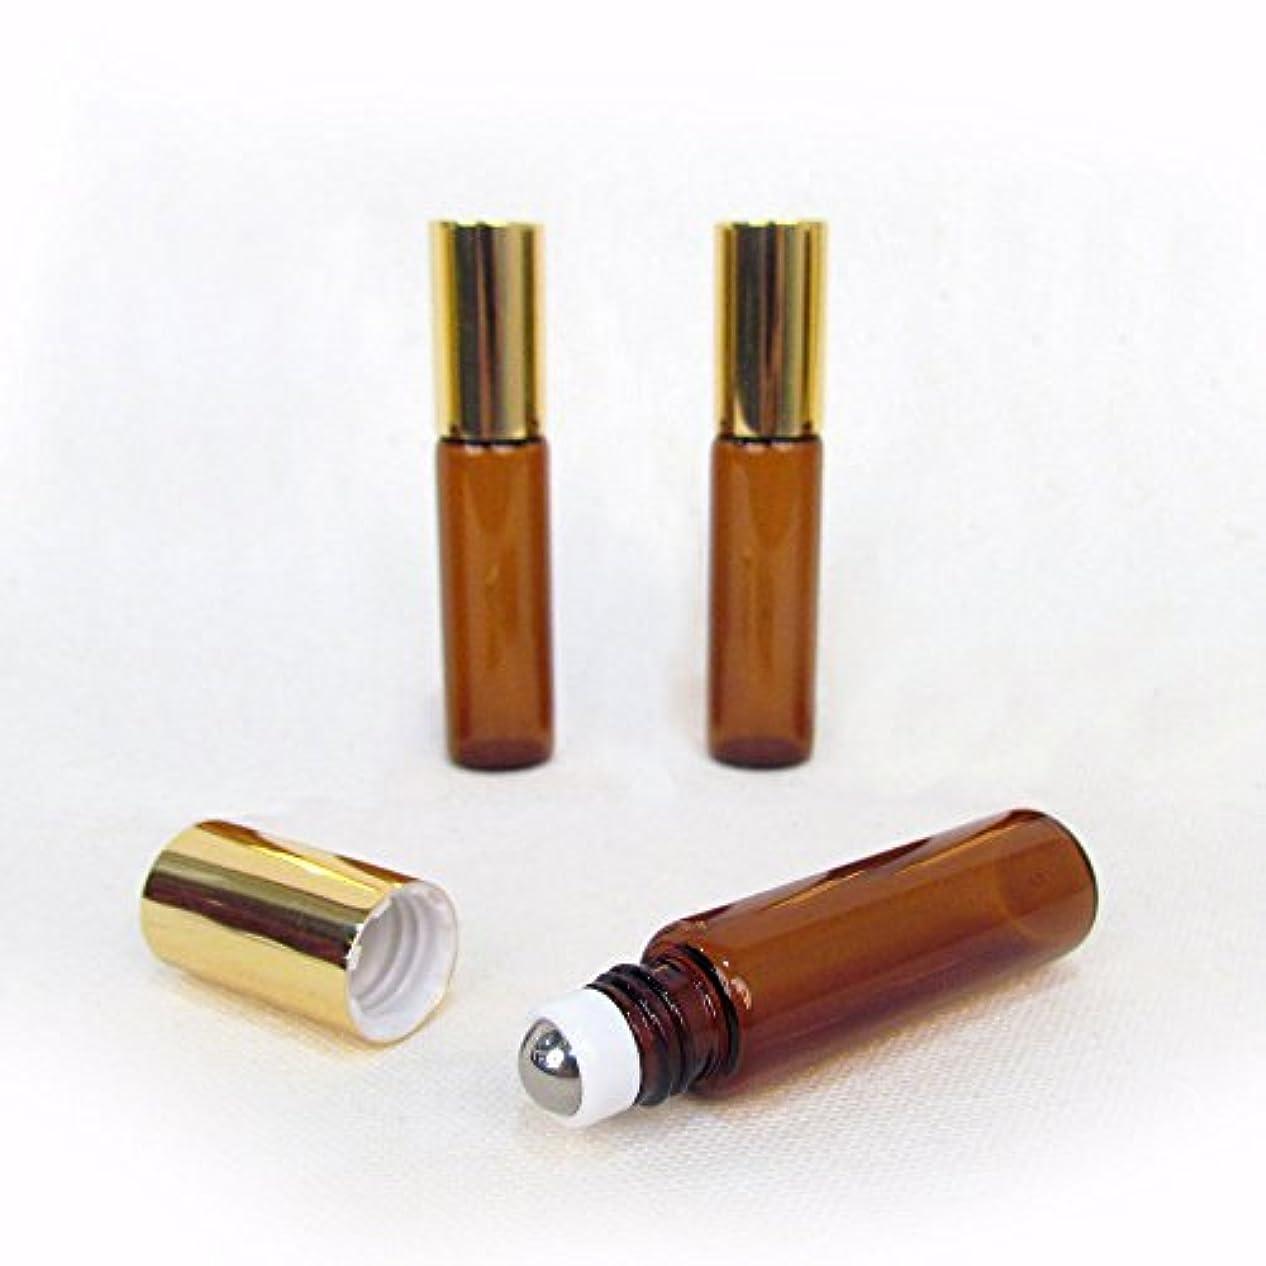 通行人感染するかろうじてSet of 3-5ml Brown Amber Glass Roll On Bottle With Stainless Steel Ball for Essential Oils by Rivertree Life [並行輸入品]